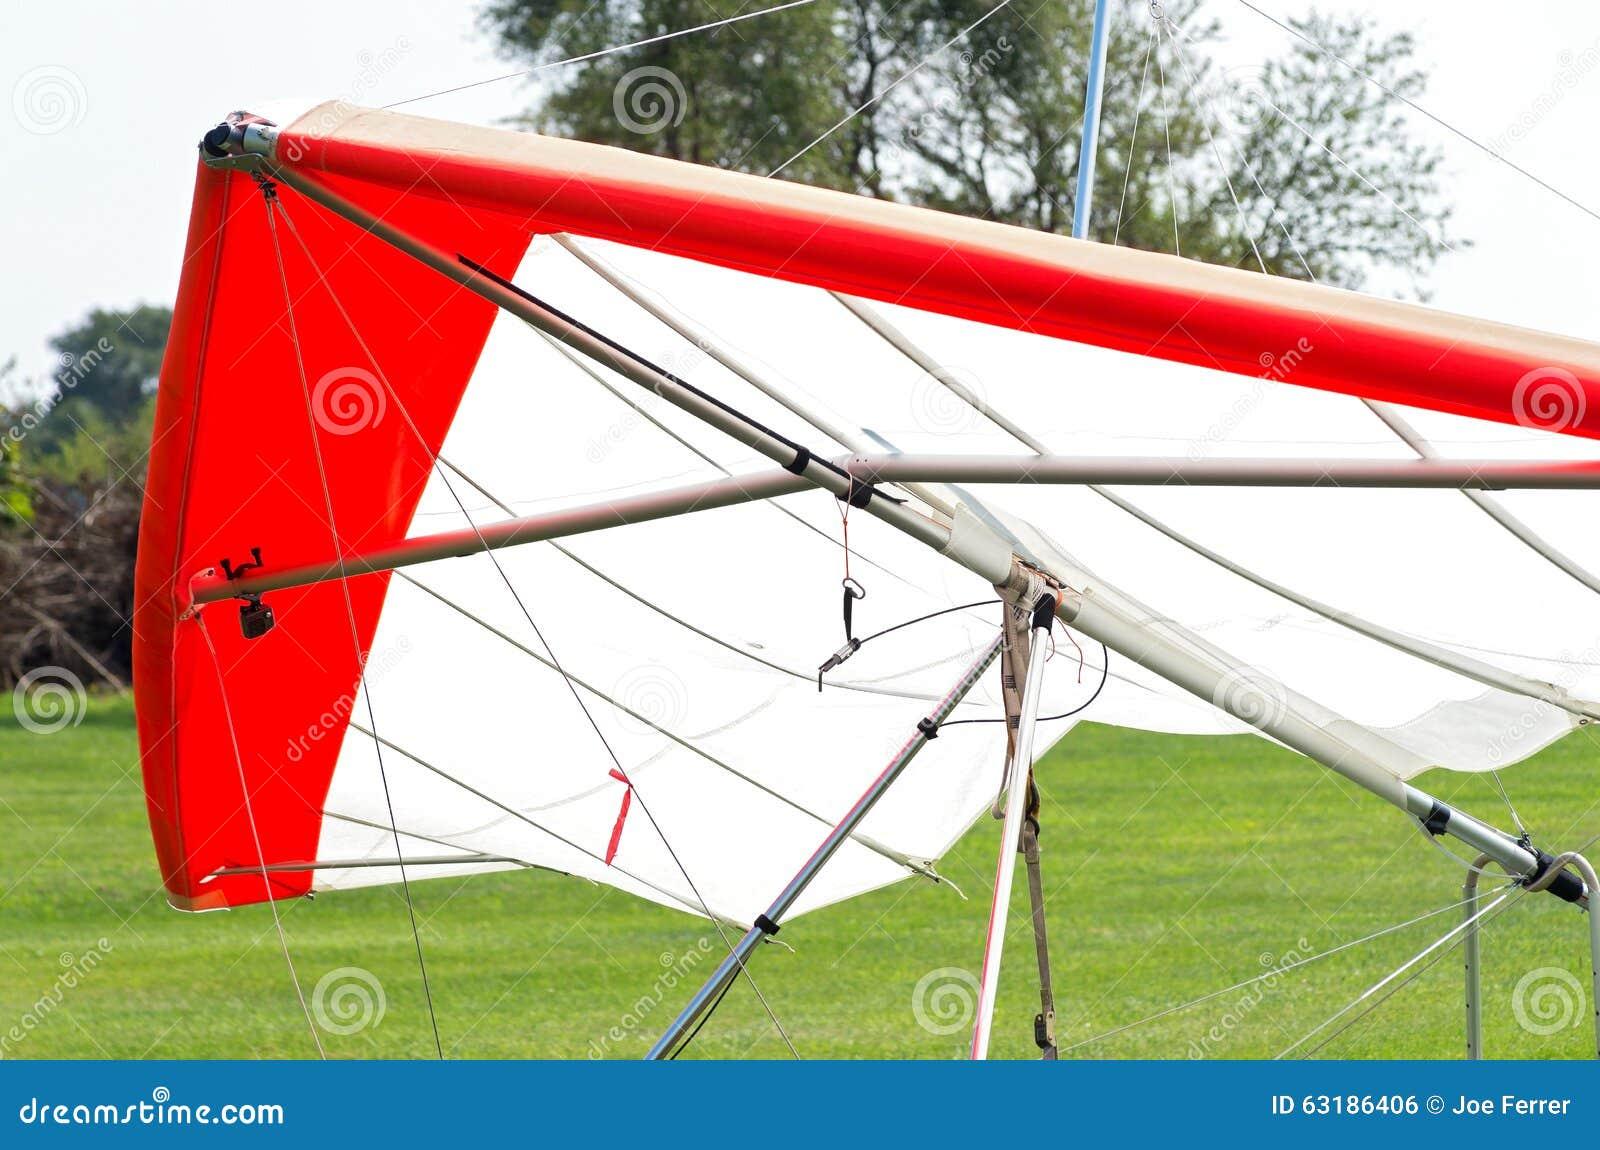 Hang Glider Closeup